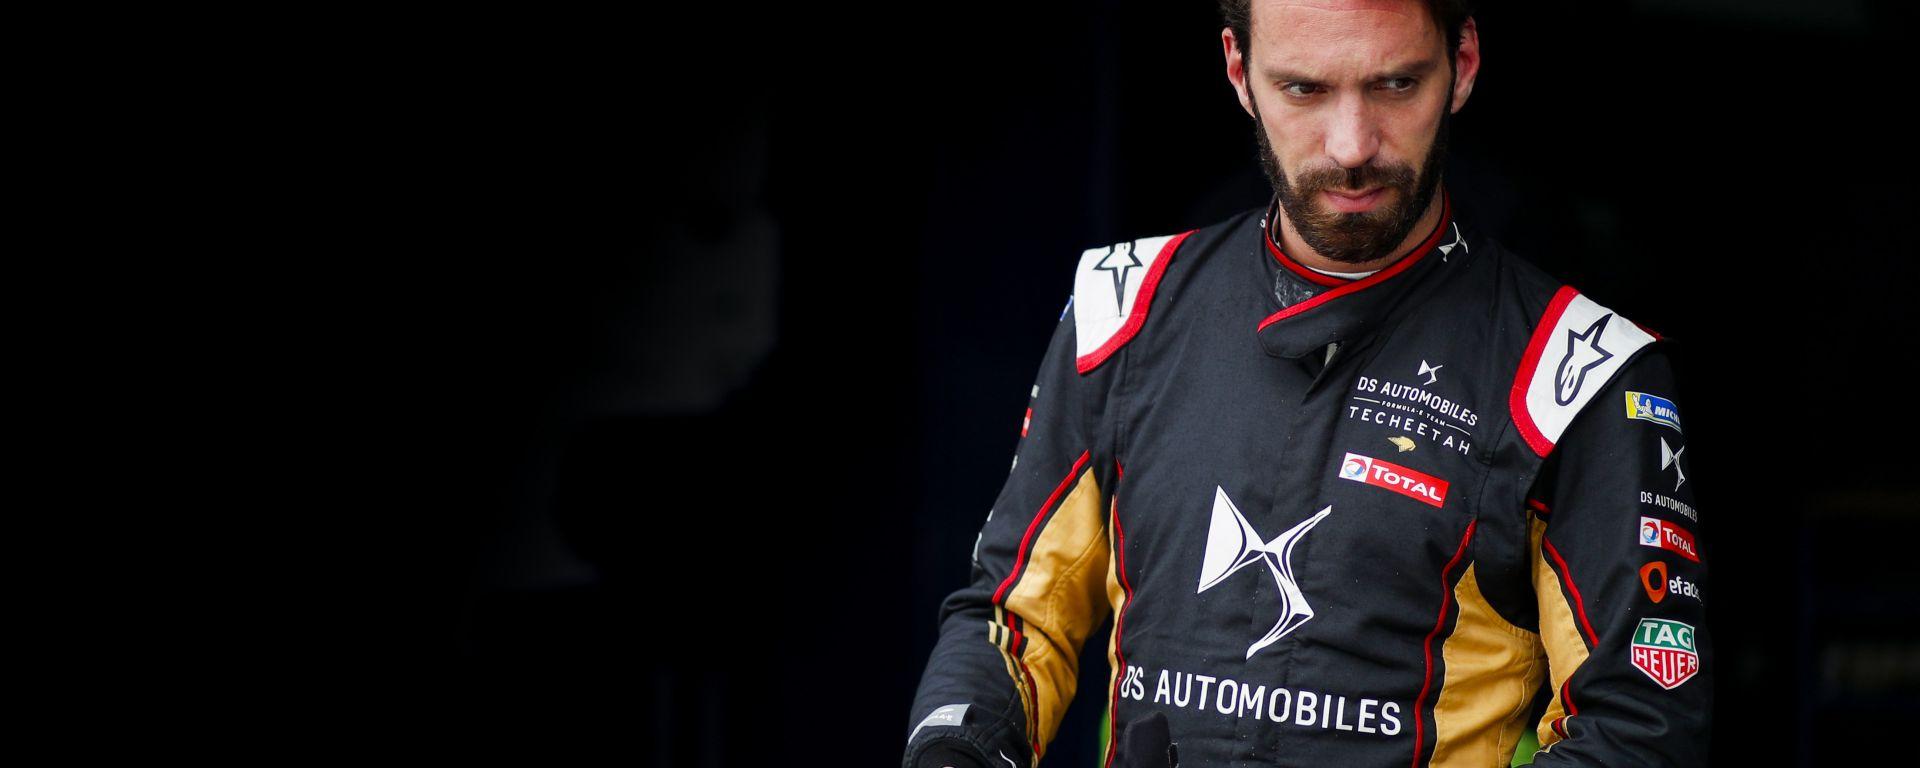 Formula E ePrix Marrakech 2020: Vergne (DS Techeetah) visibilmente soffernte nella giornata di sabato